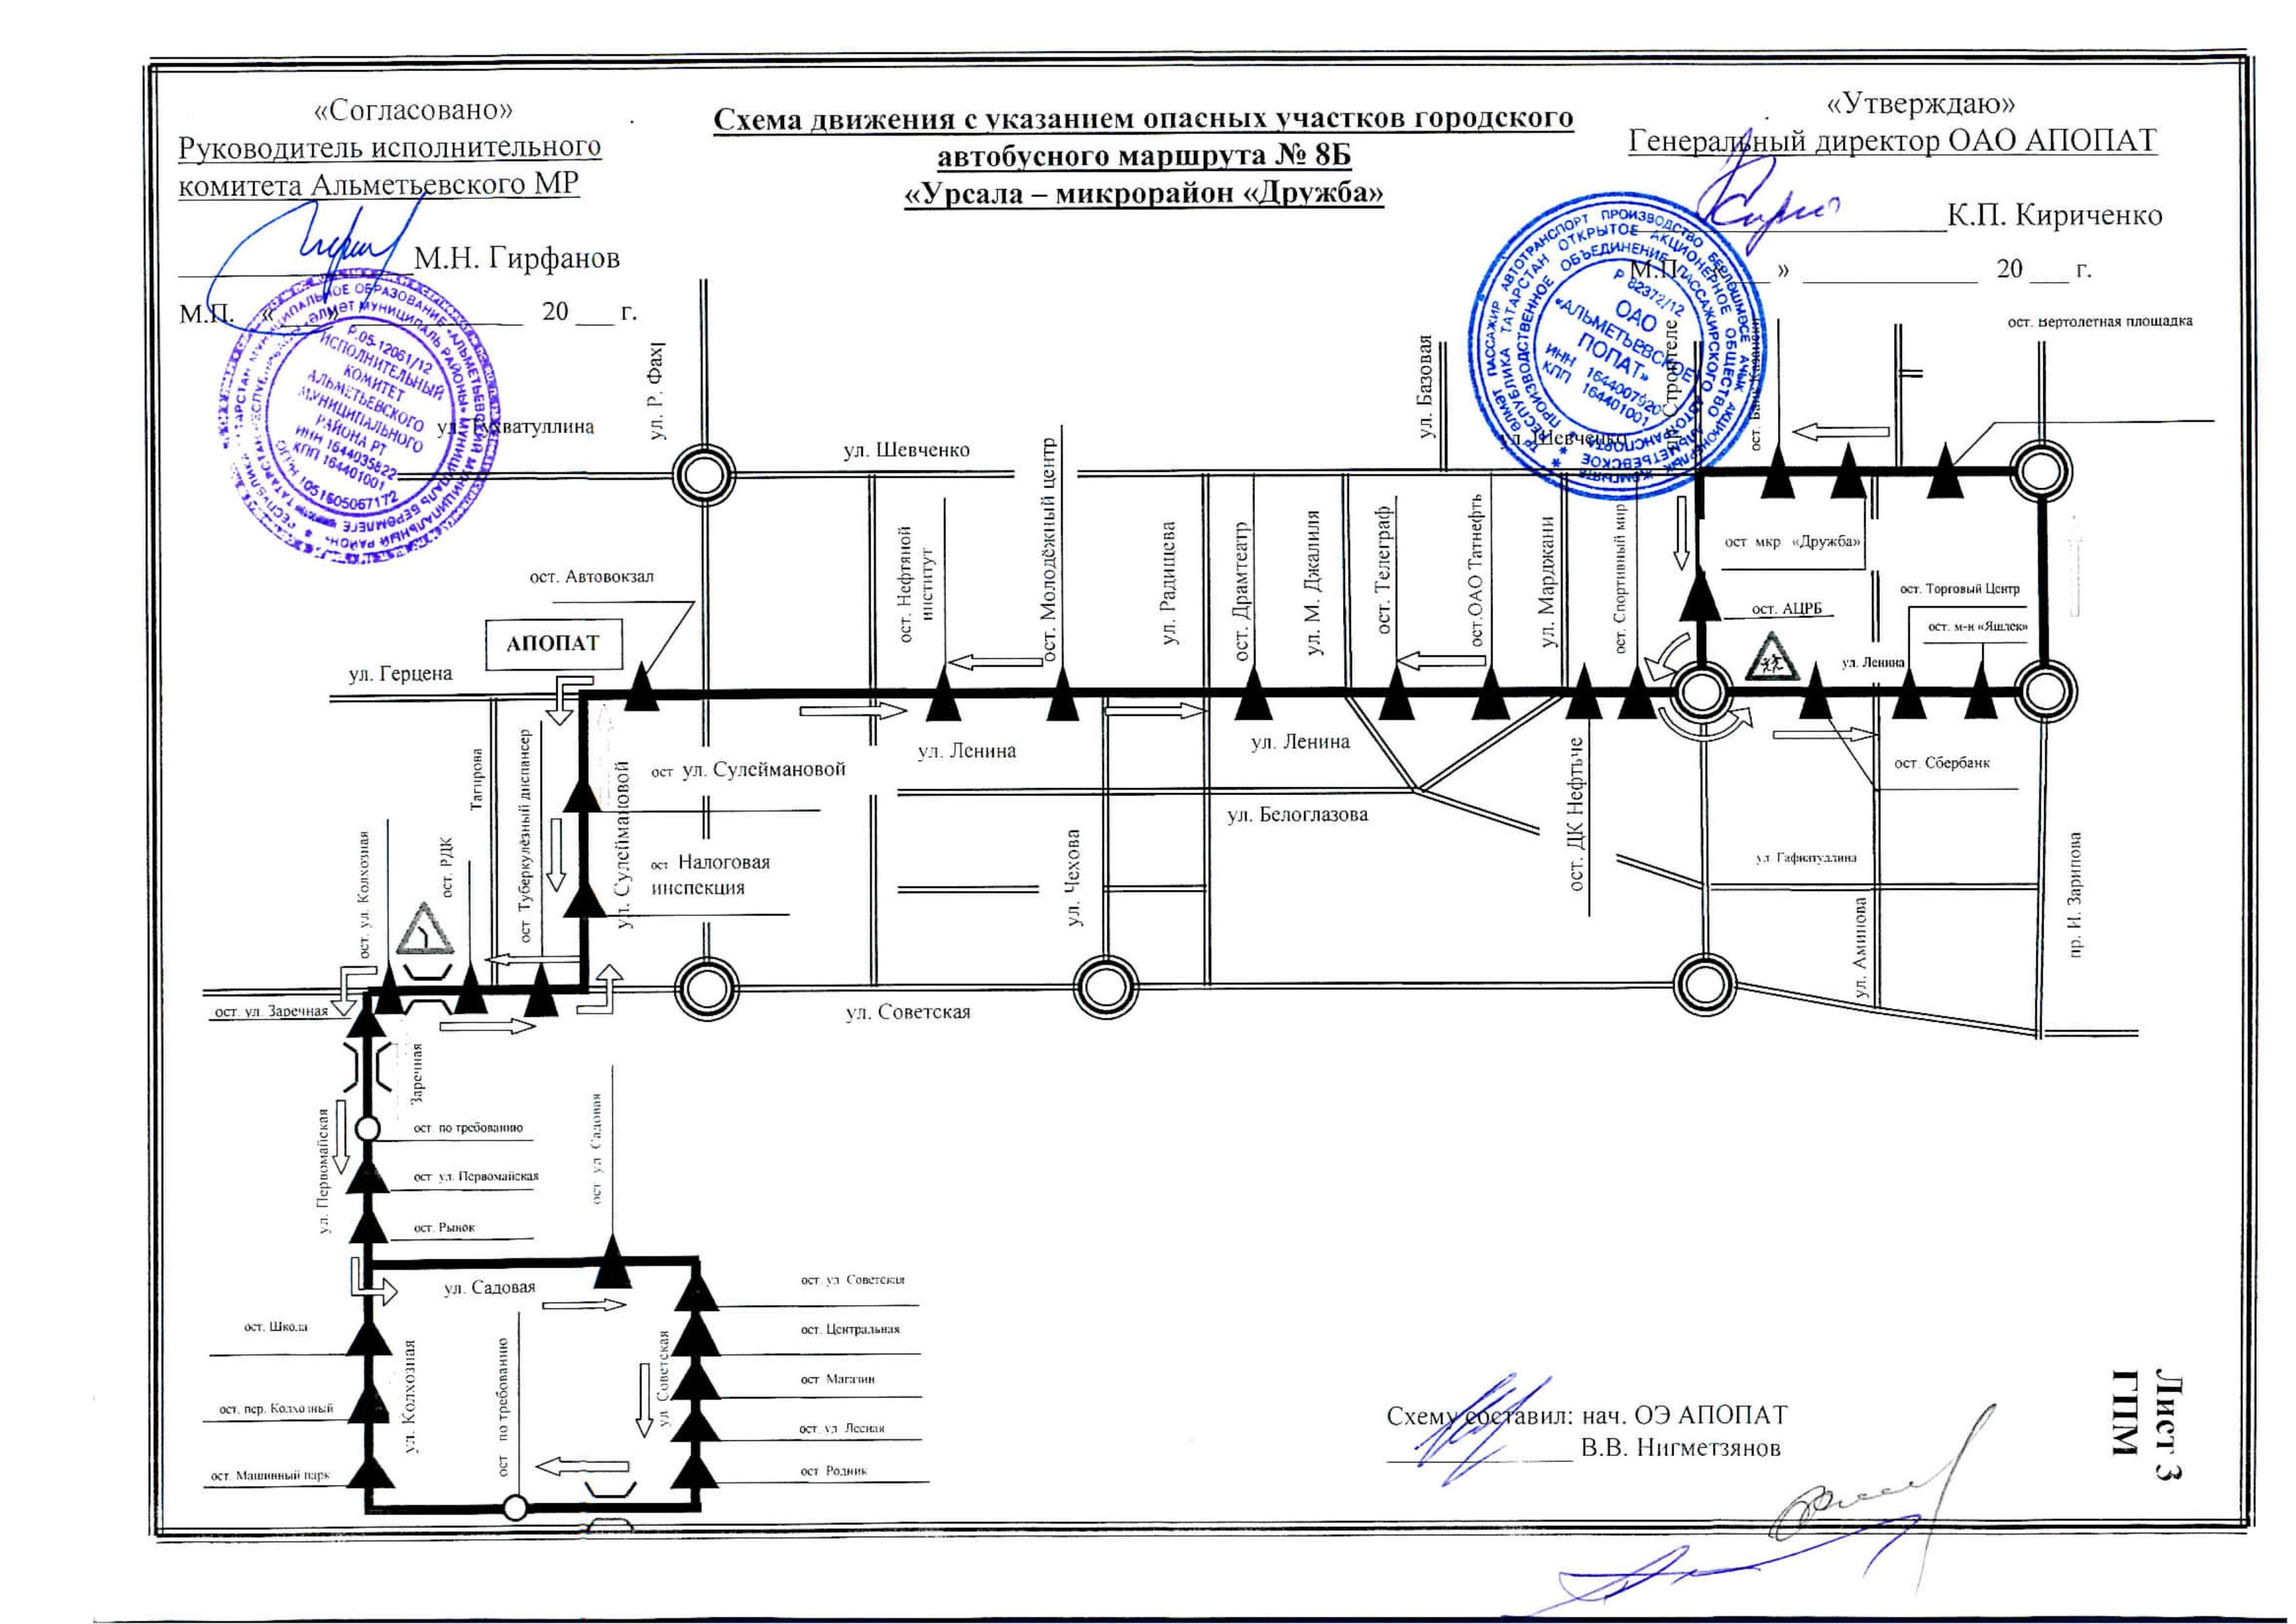 Администрация оао апопат г альметьевск